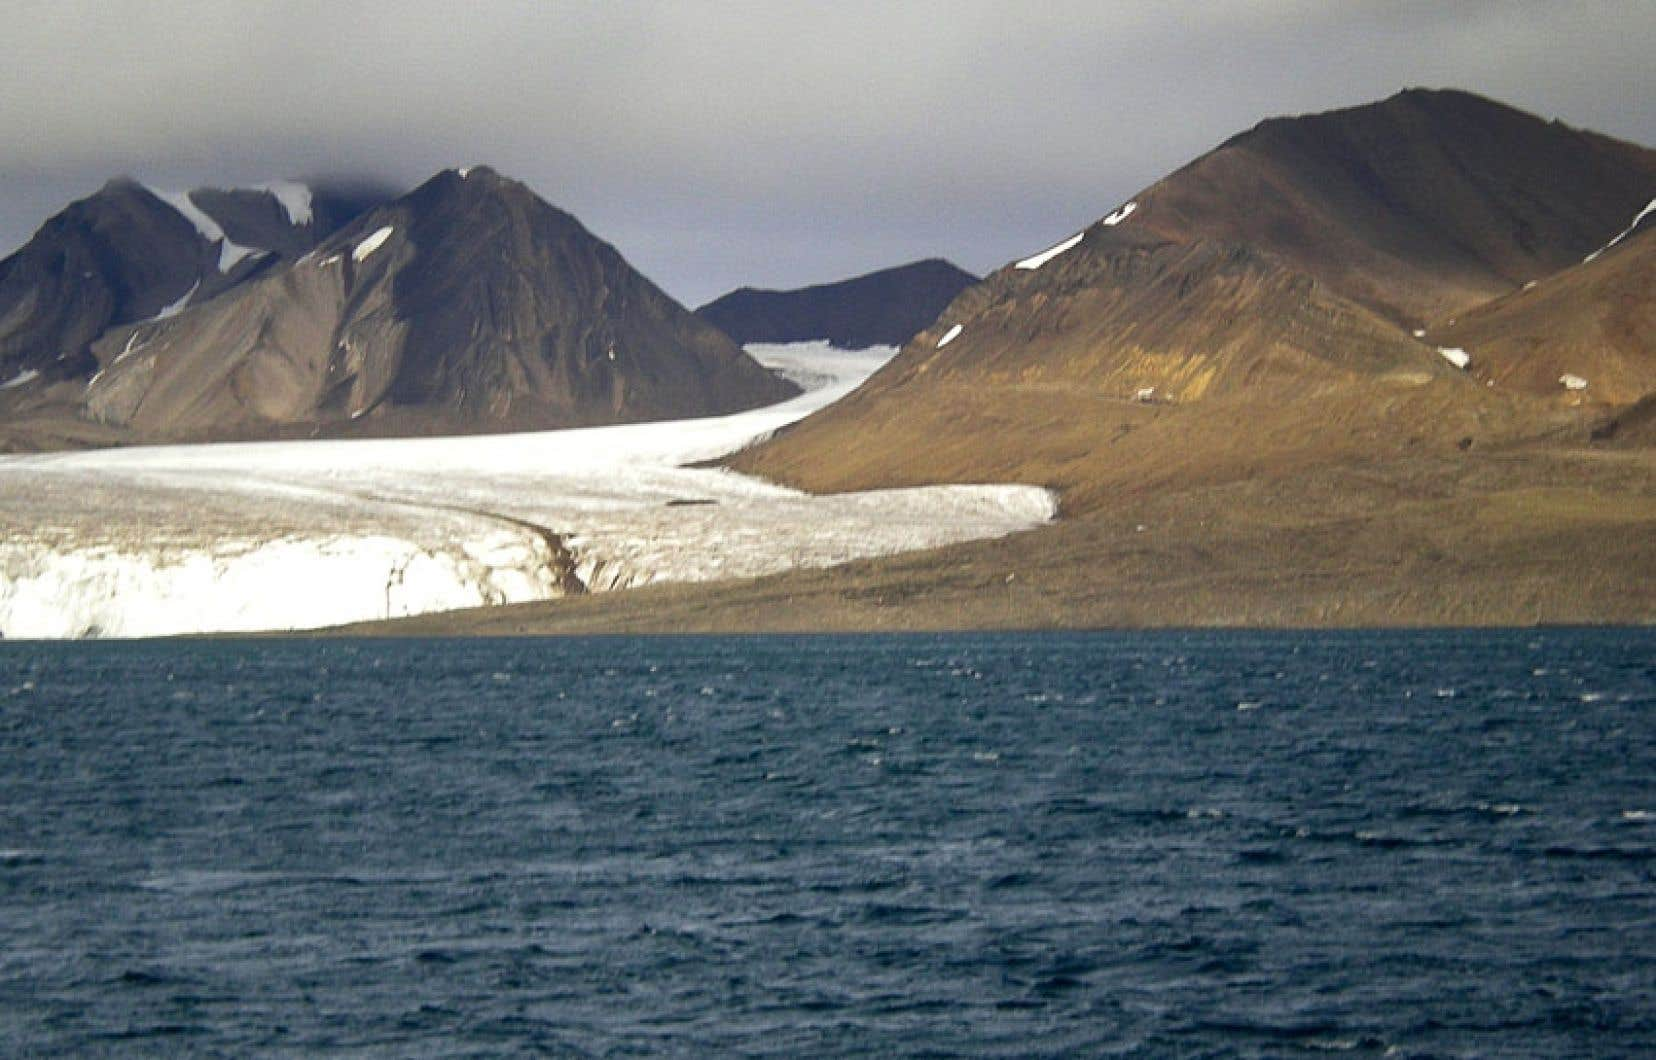 Le pergélisol pourrait commencer à fondre à partir d'un réchauffement du globe de 1,5°C.